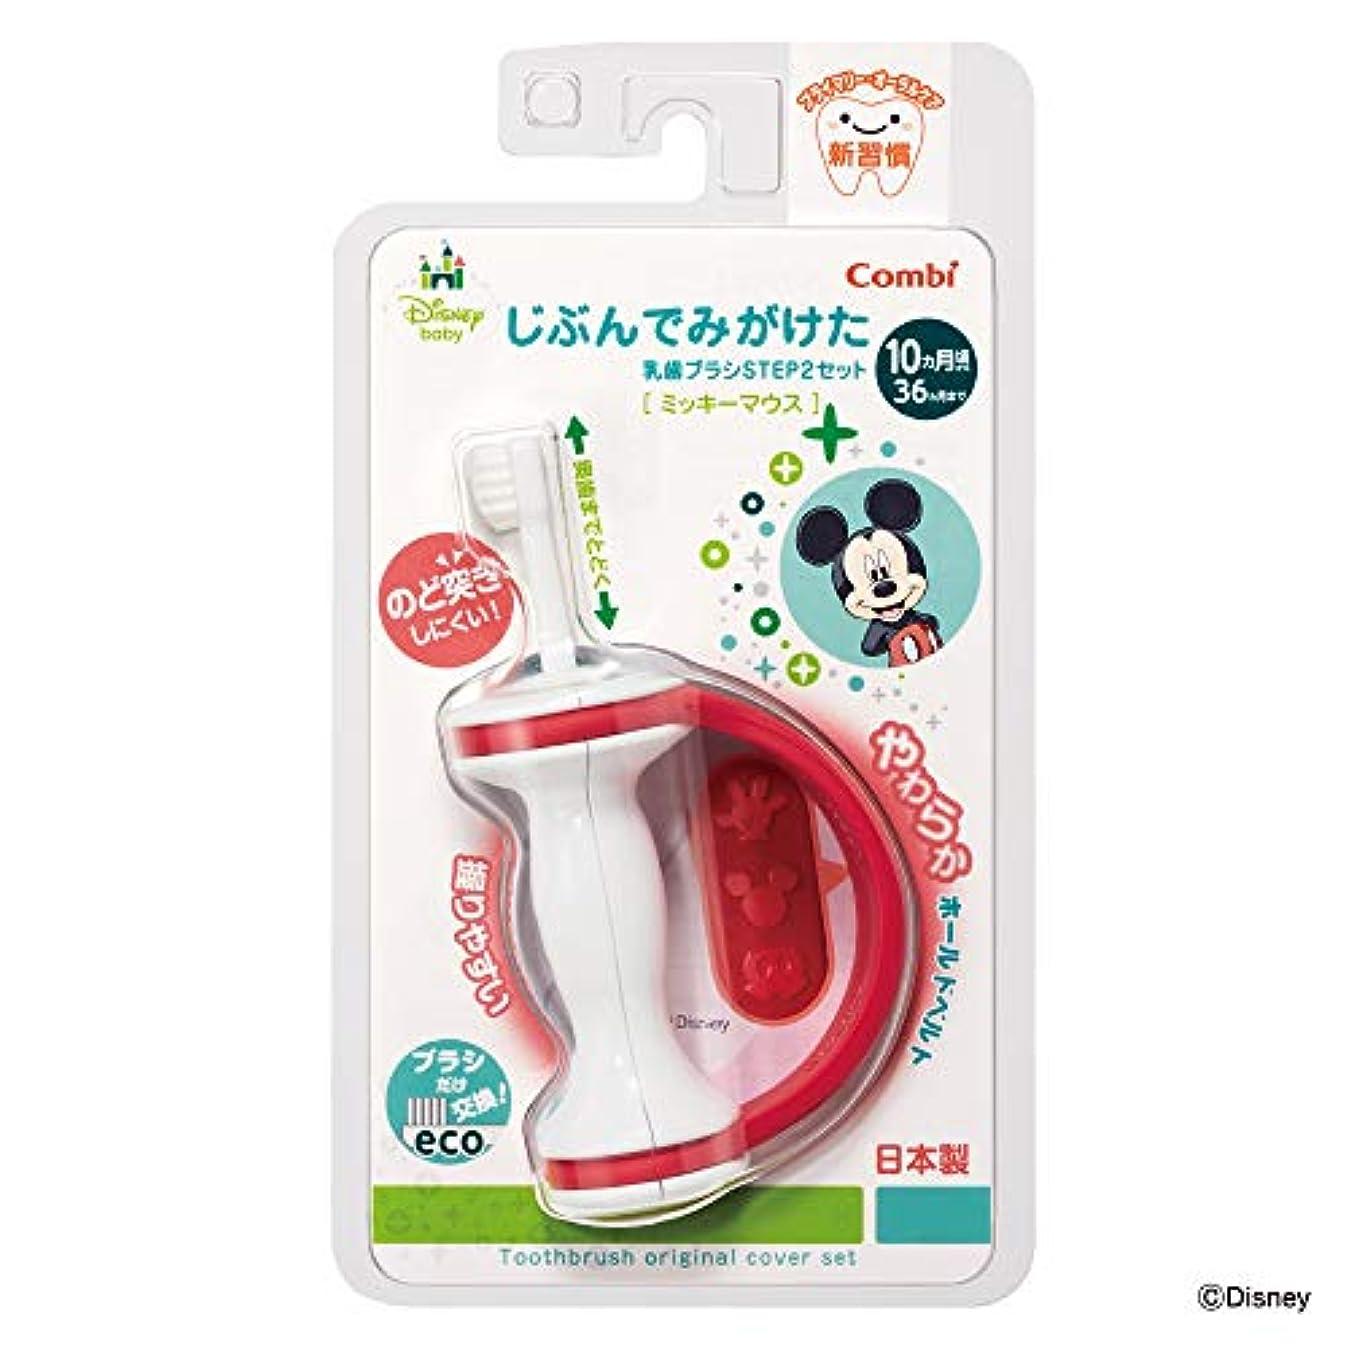 専門着る可愛いコンビ テテオ じぶんでみがけた乳歯ブラシ STEP2セットミッキーマウス